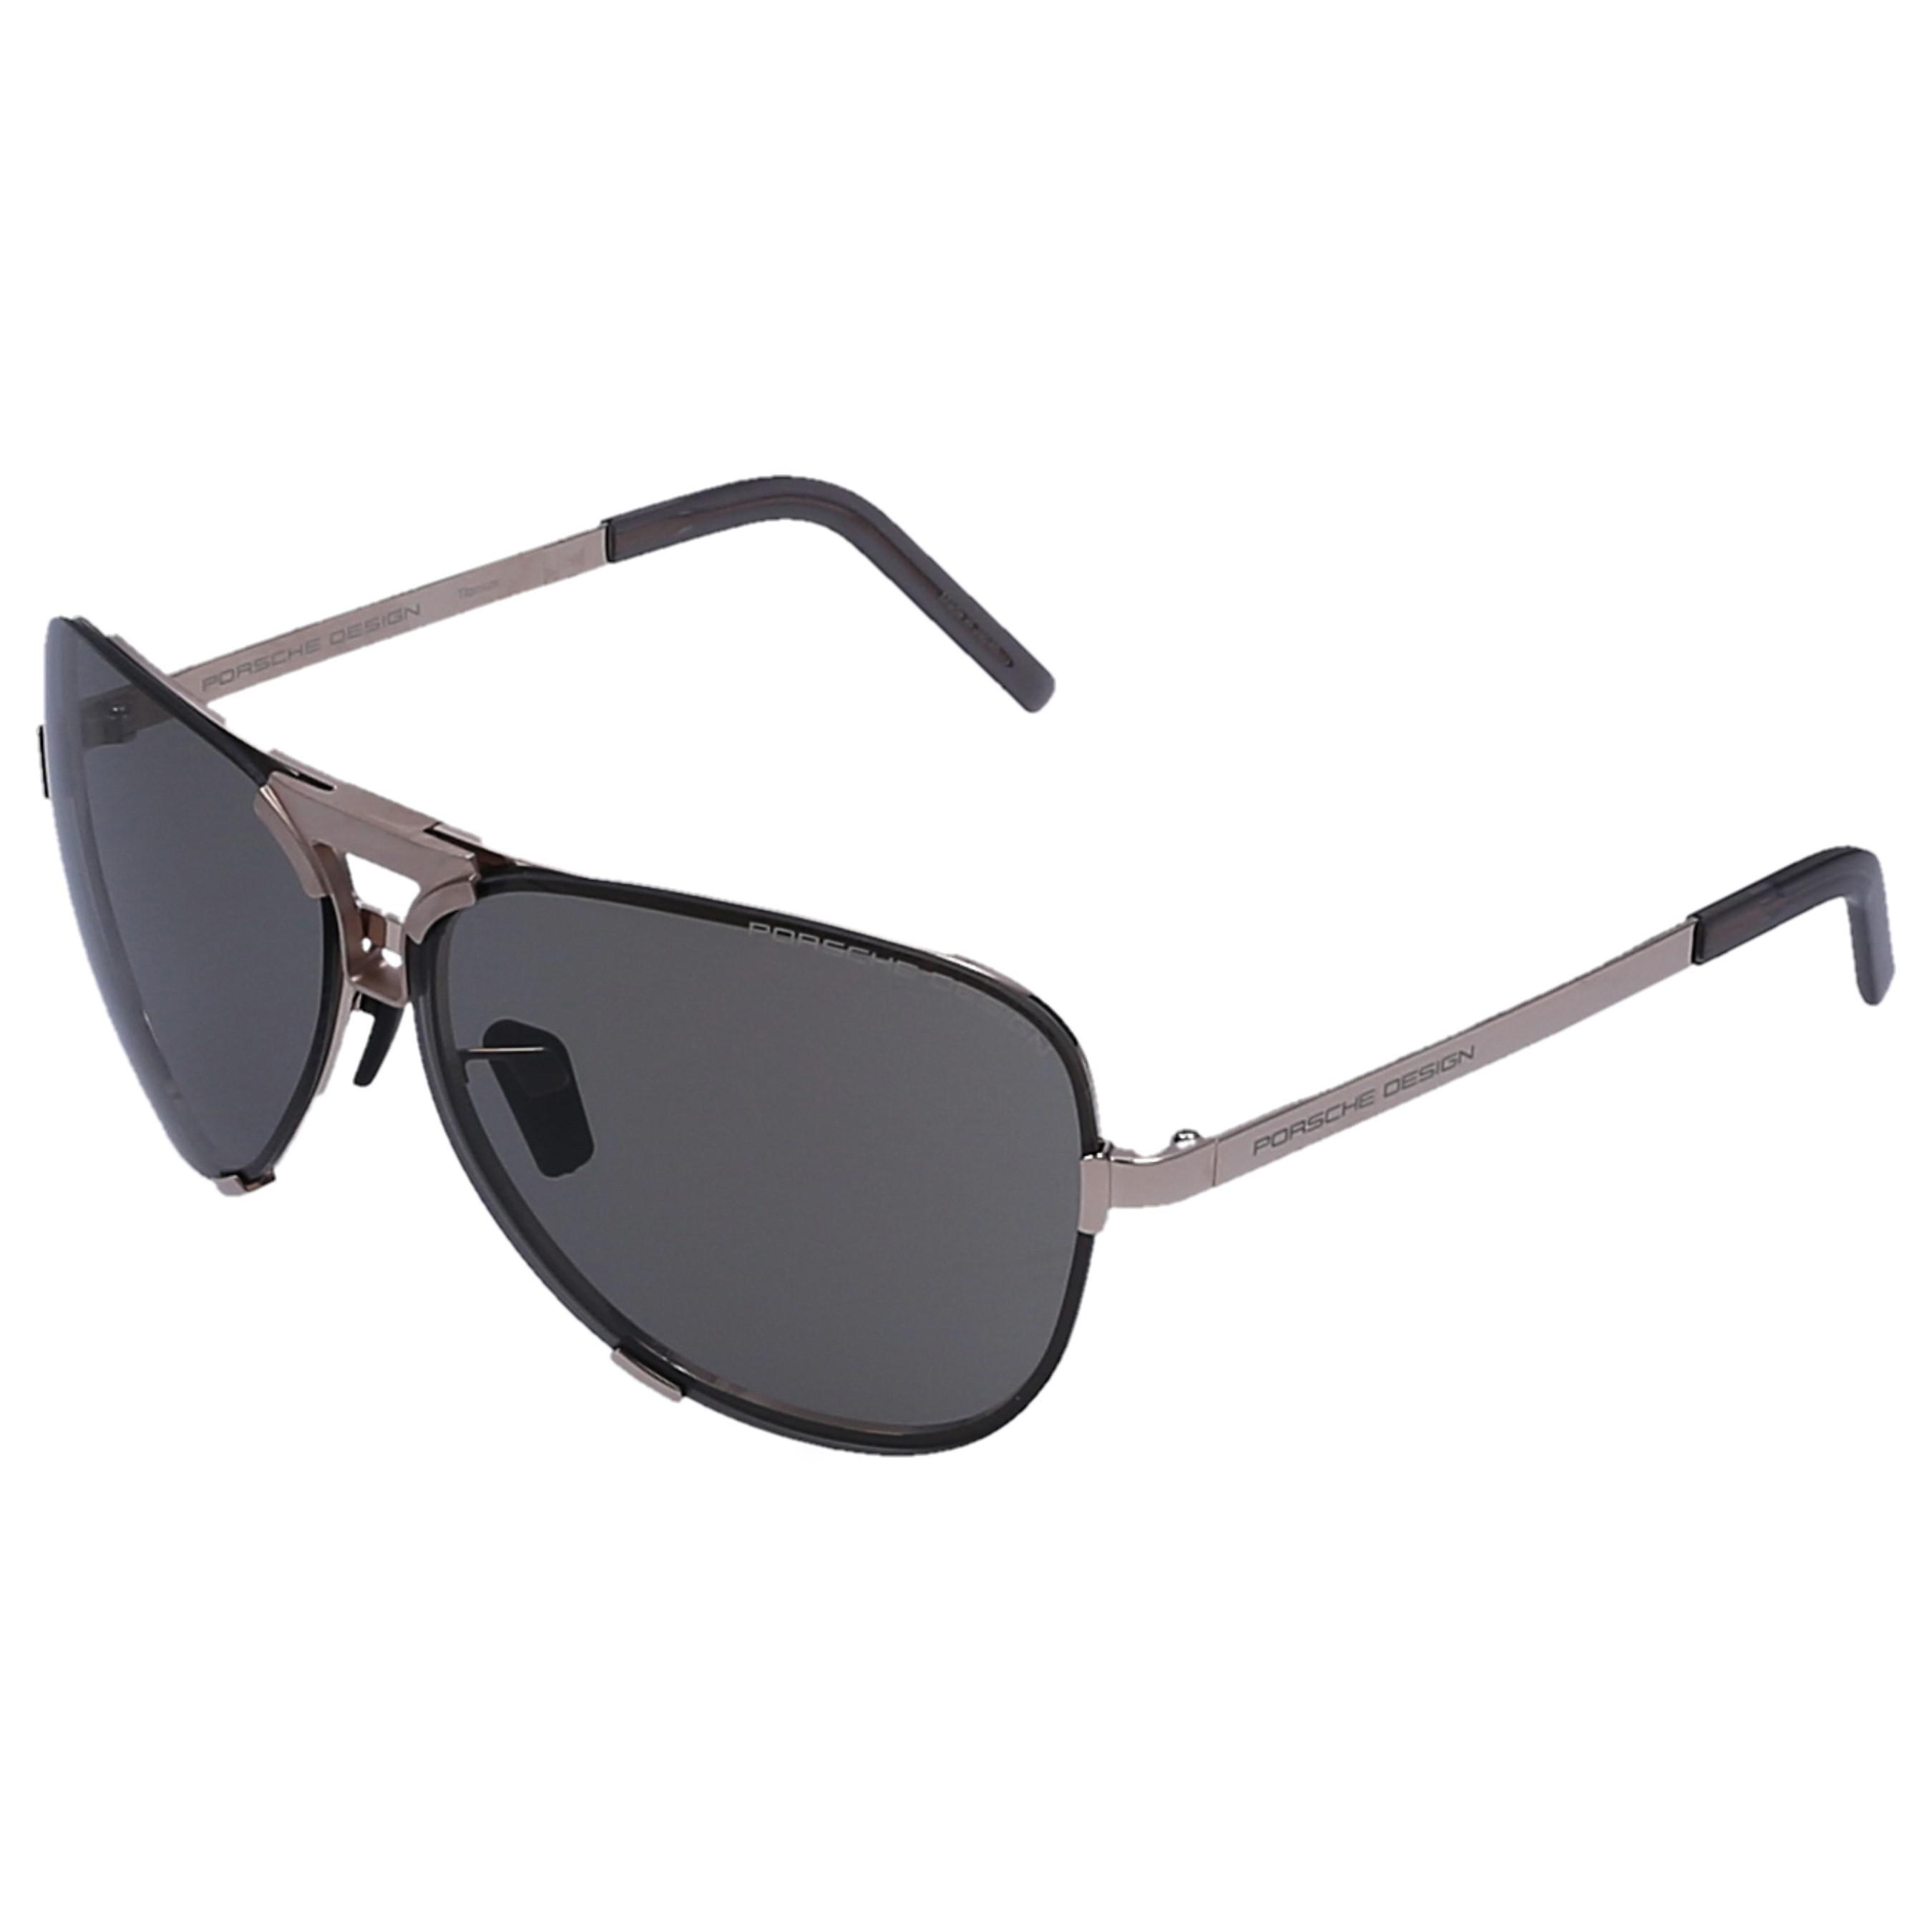 611e3a350ea Porsche Design - Metallic Men Sunglasses Aviator 8678 Titan Acetate Gold for  Men - Lyst. View fullscreen